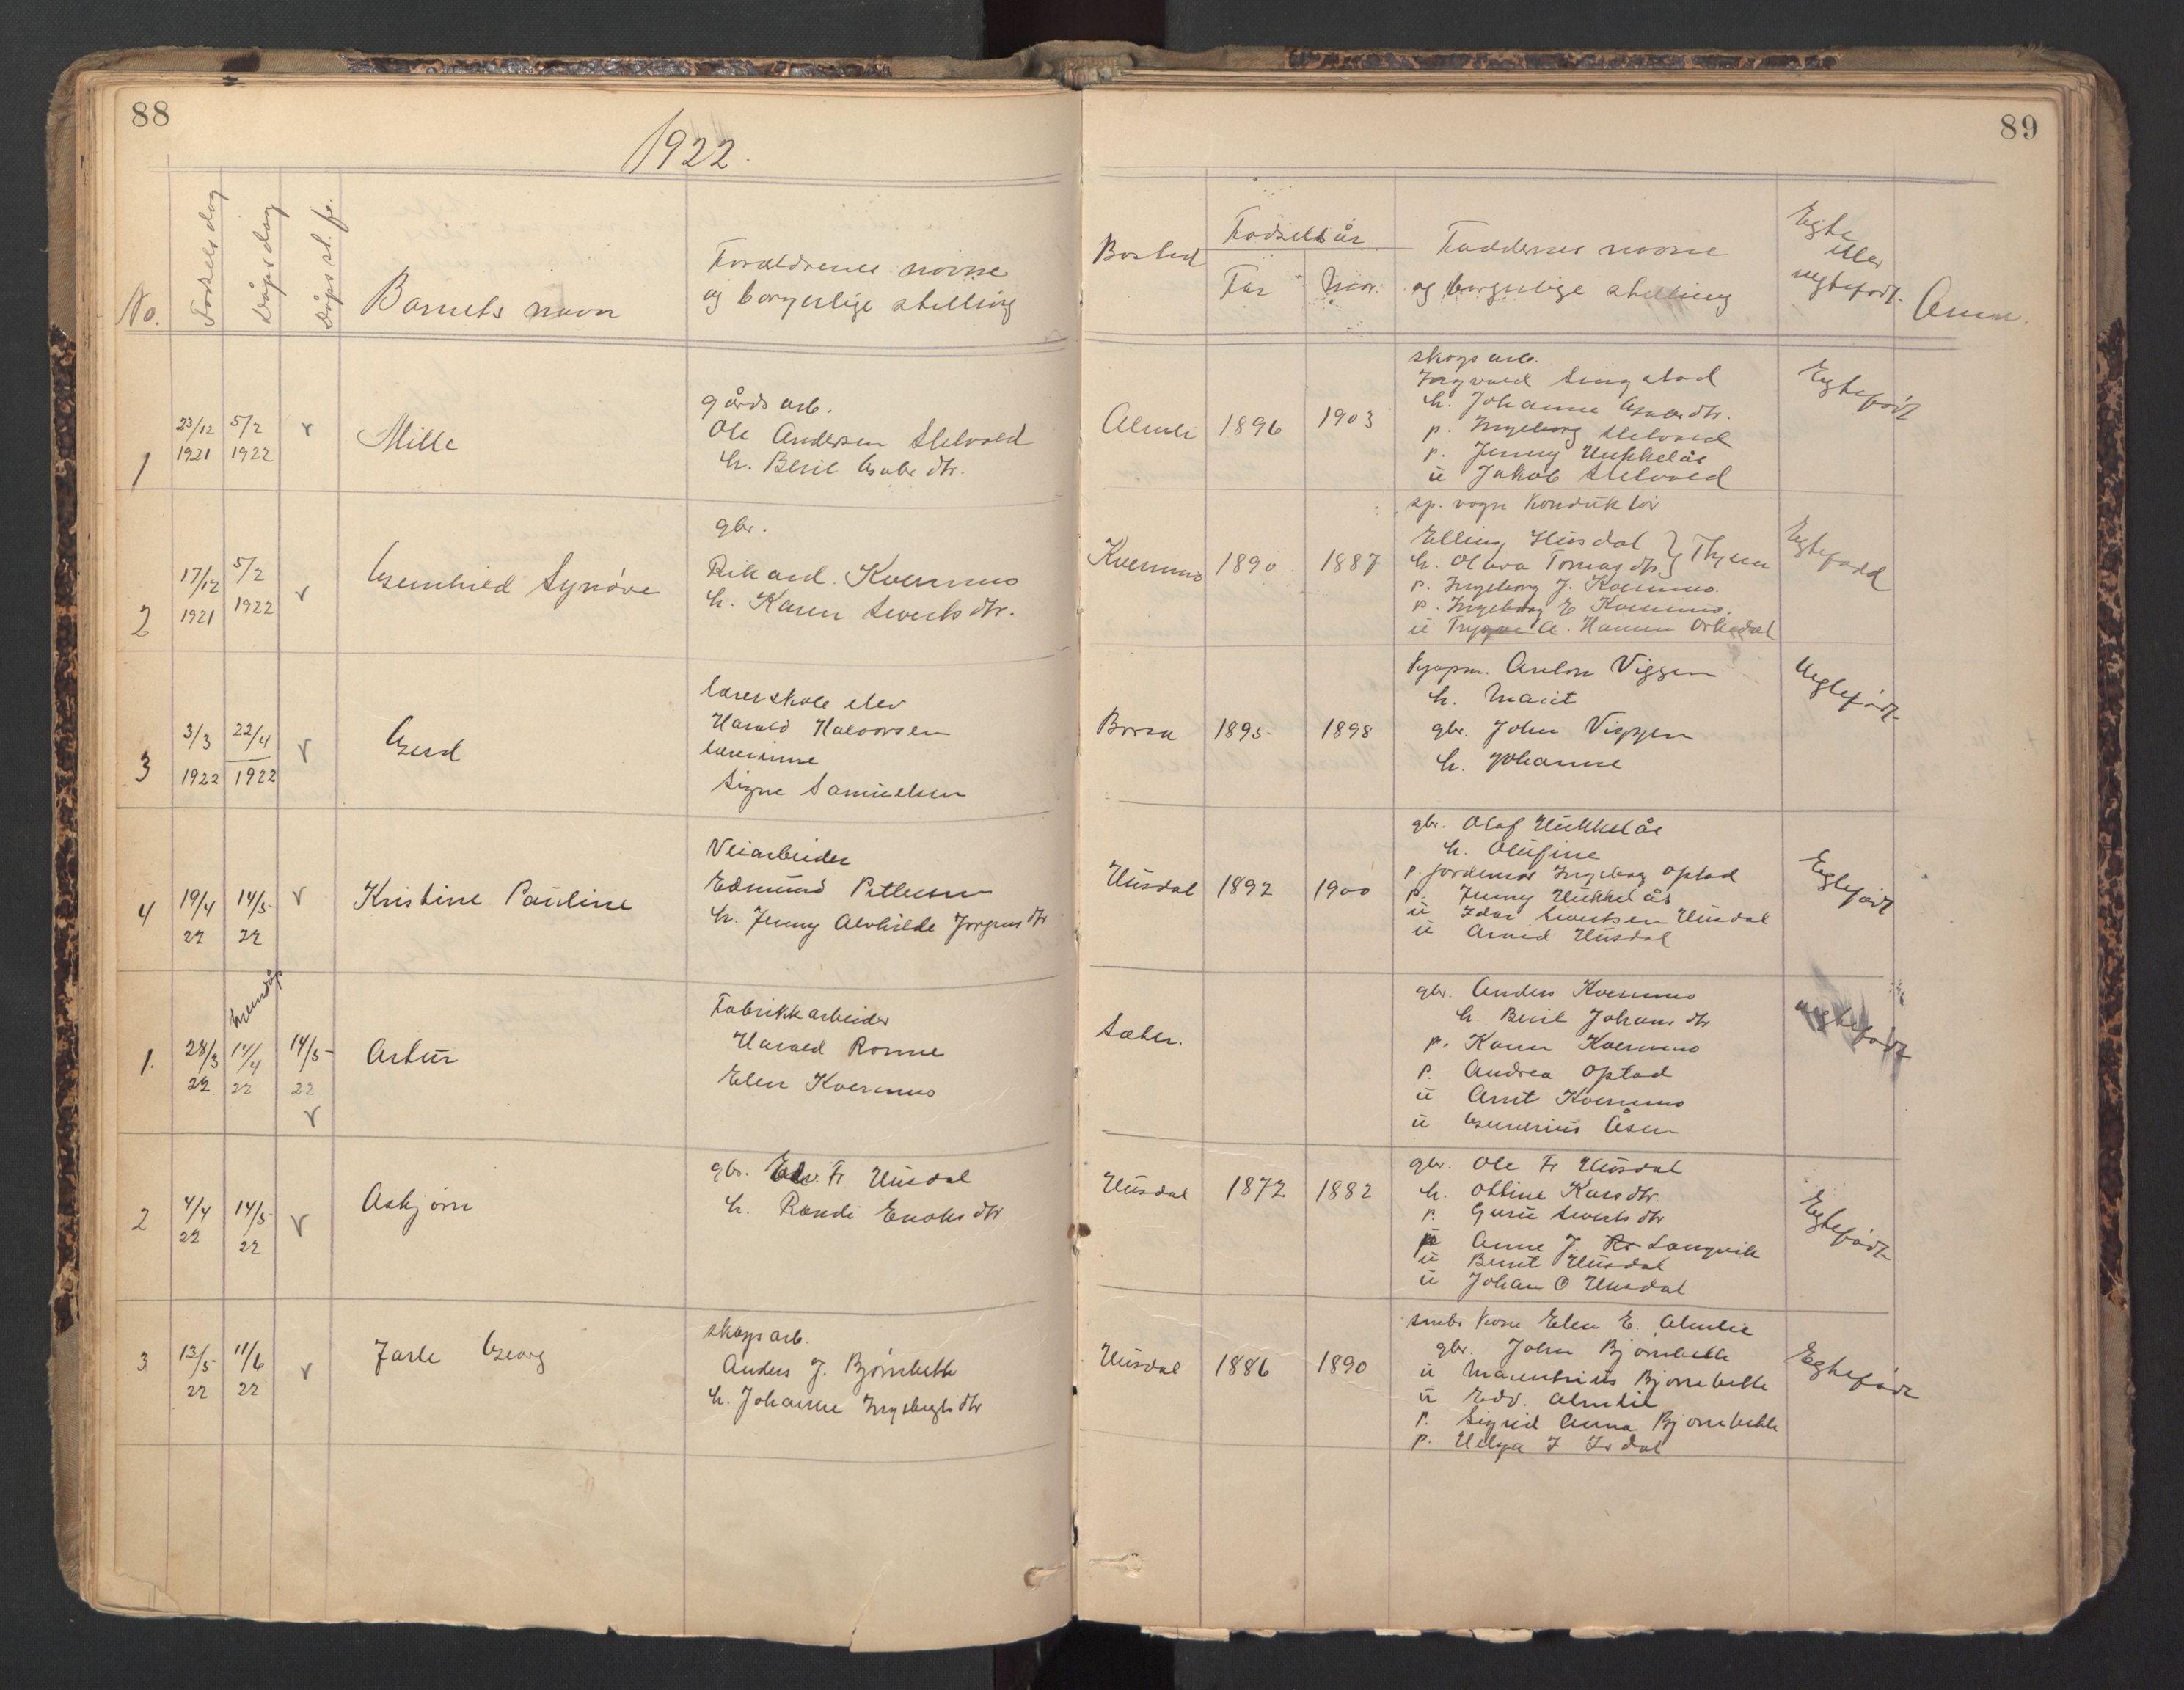 SAT, Ministerialprotokoller, klokkerbøker og fødselsregistre - Sør-Trøndelag, 670/L0837: Klokkerbok nr. 670C01, 1905-1946, s. 88-89